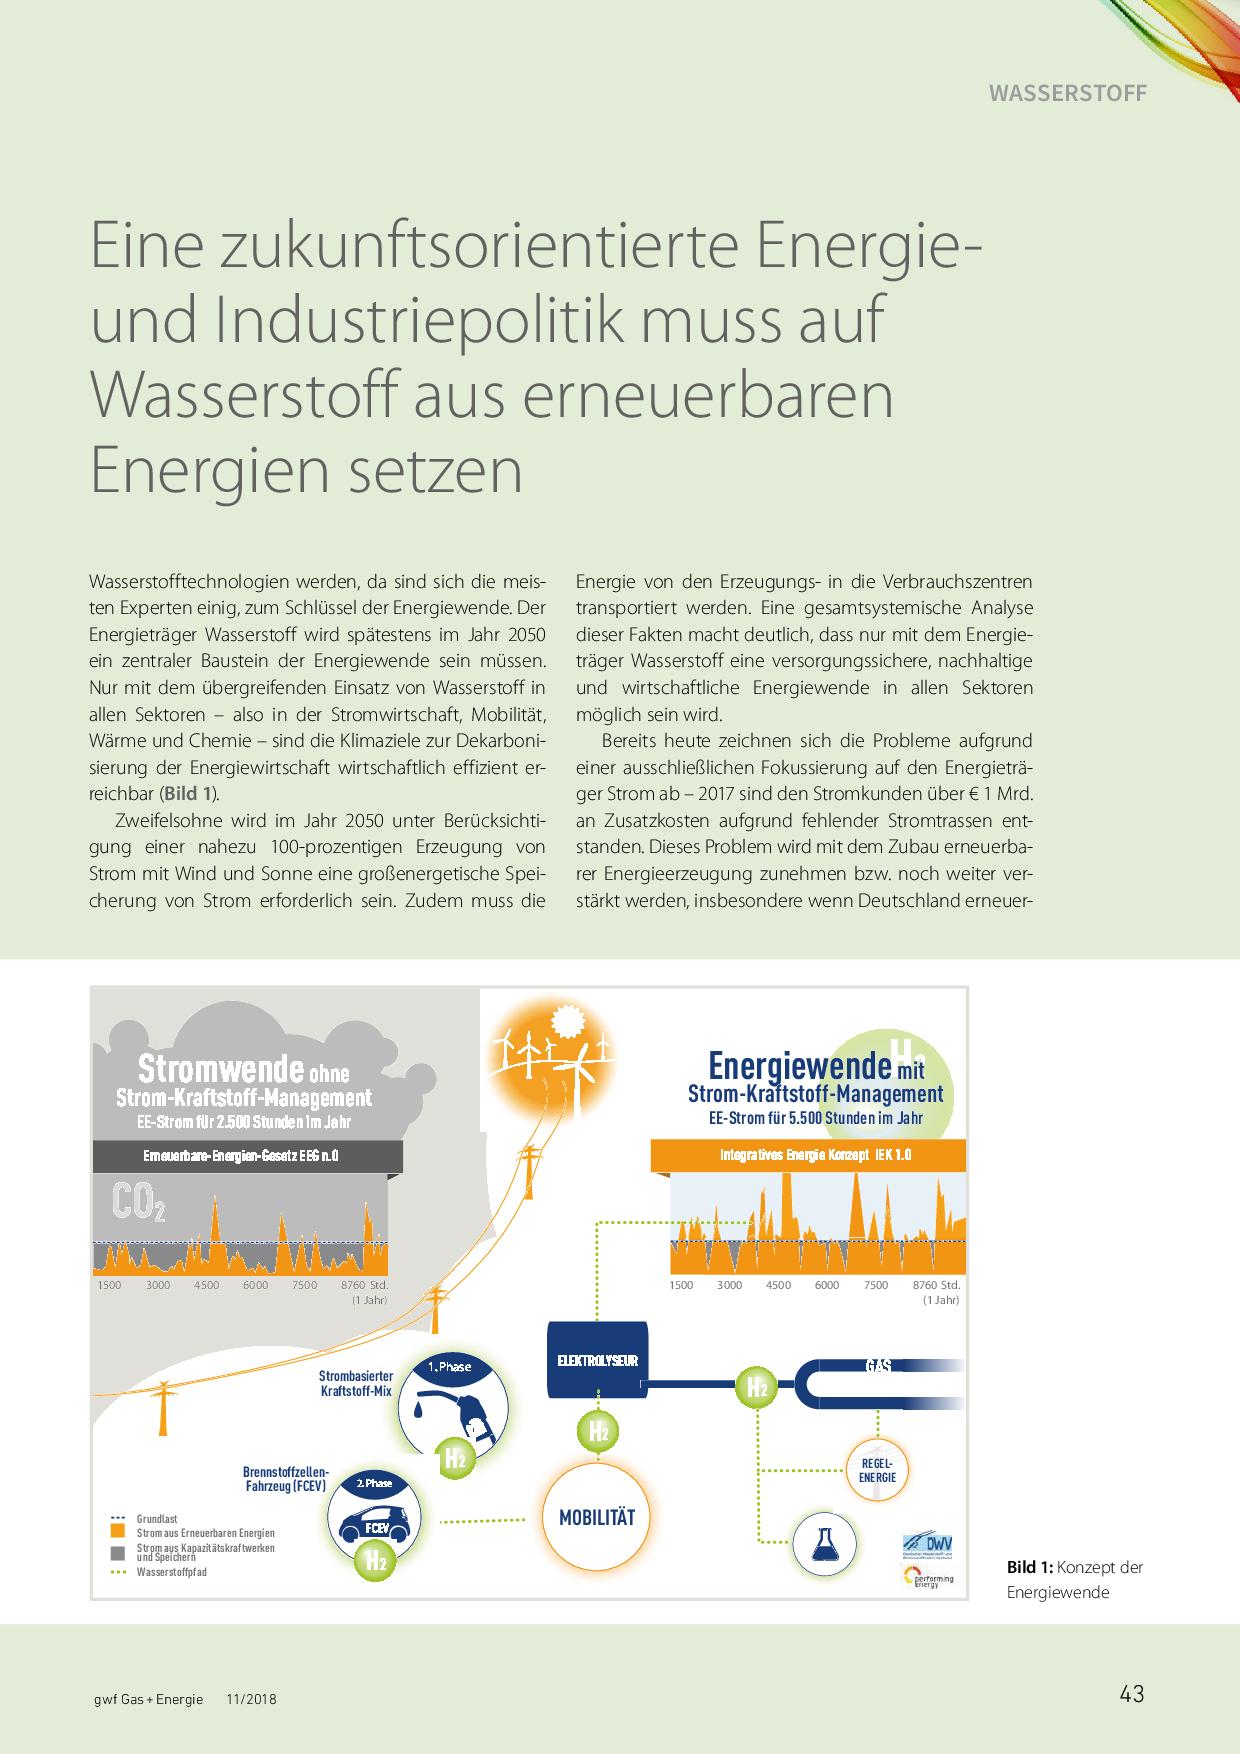 Eine zukunftsorientierte Energie- und Industriepolitik muss auf Wasserstoff aus erneuerbaren Energien setzen